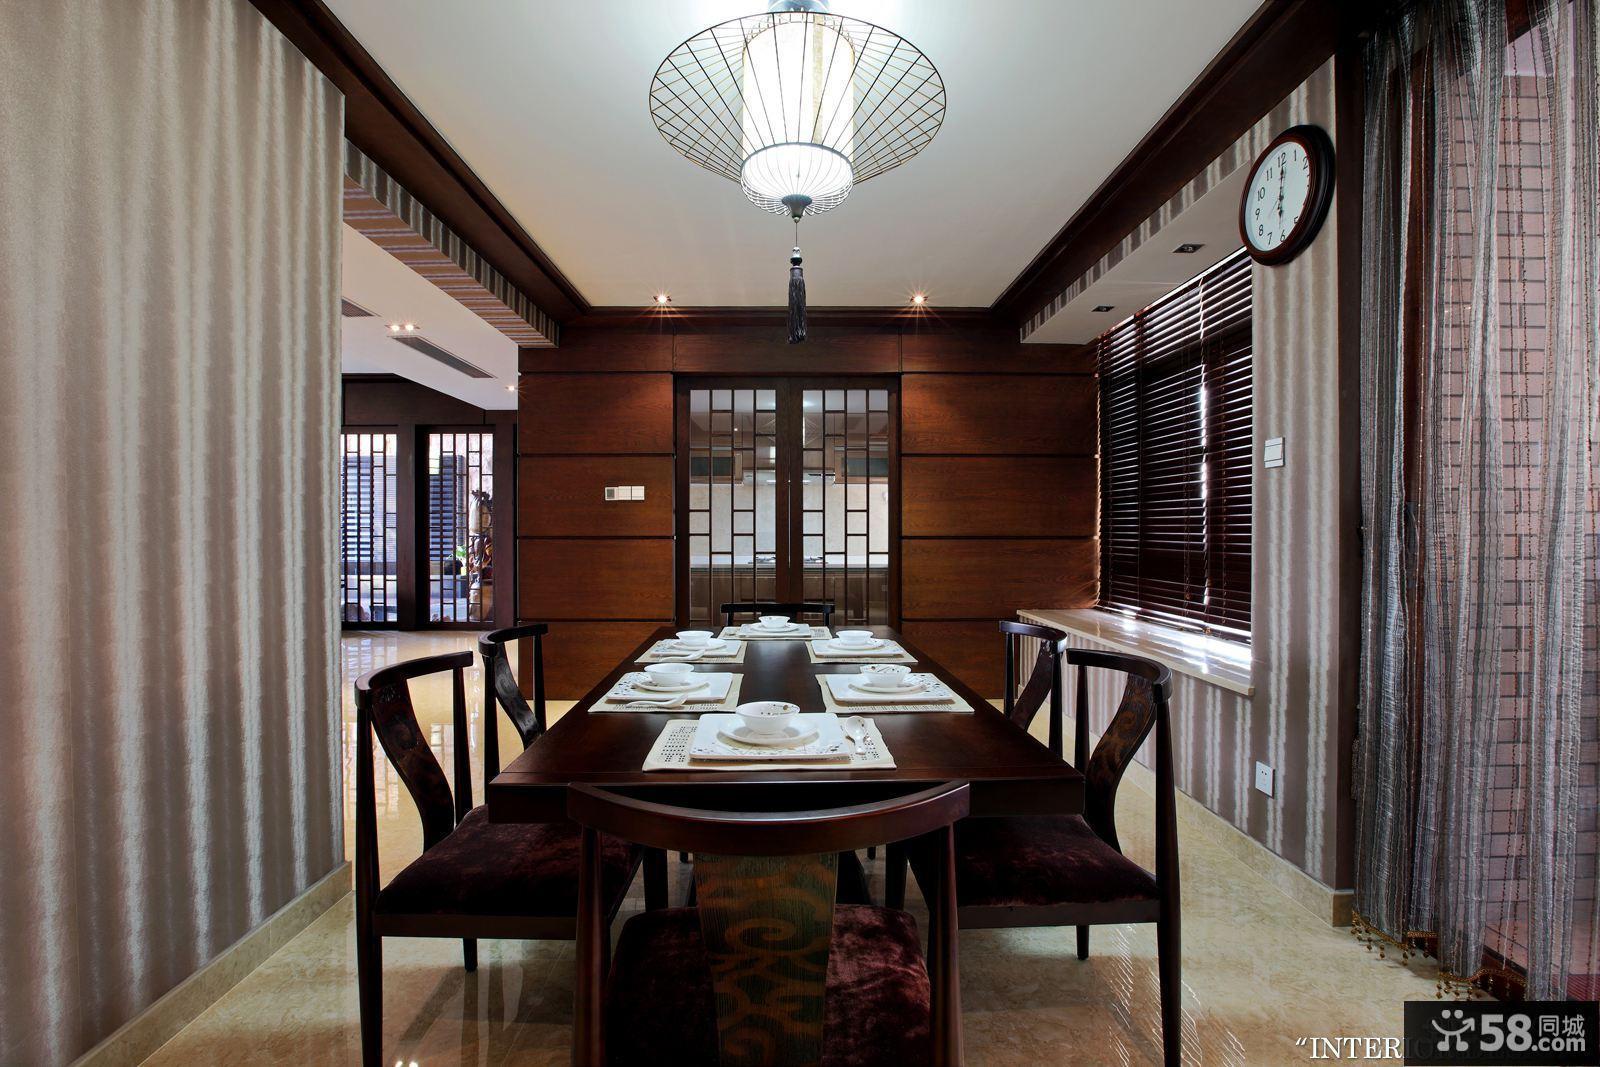 中式餐厅装修设计效果图欣赏